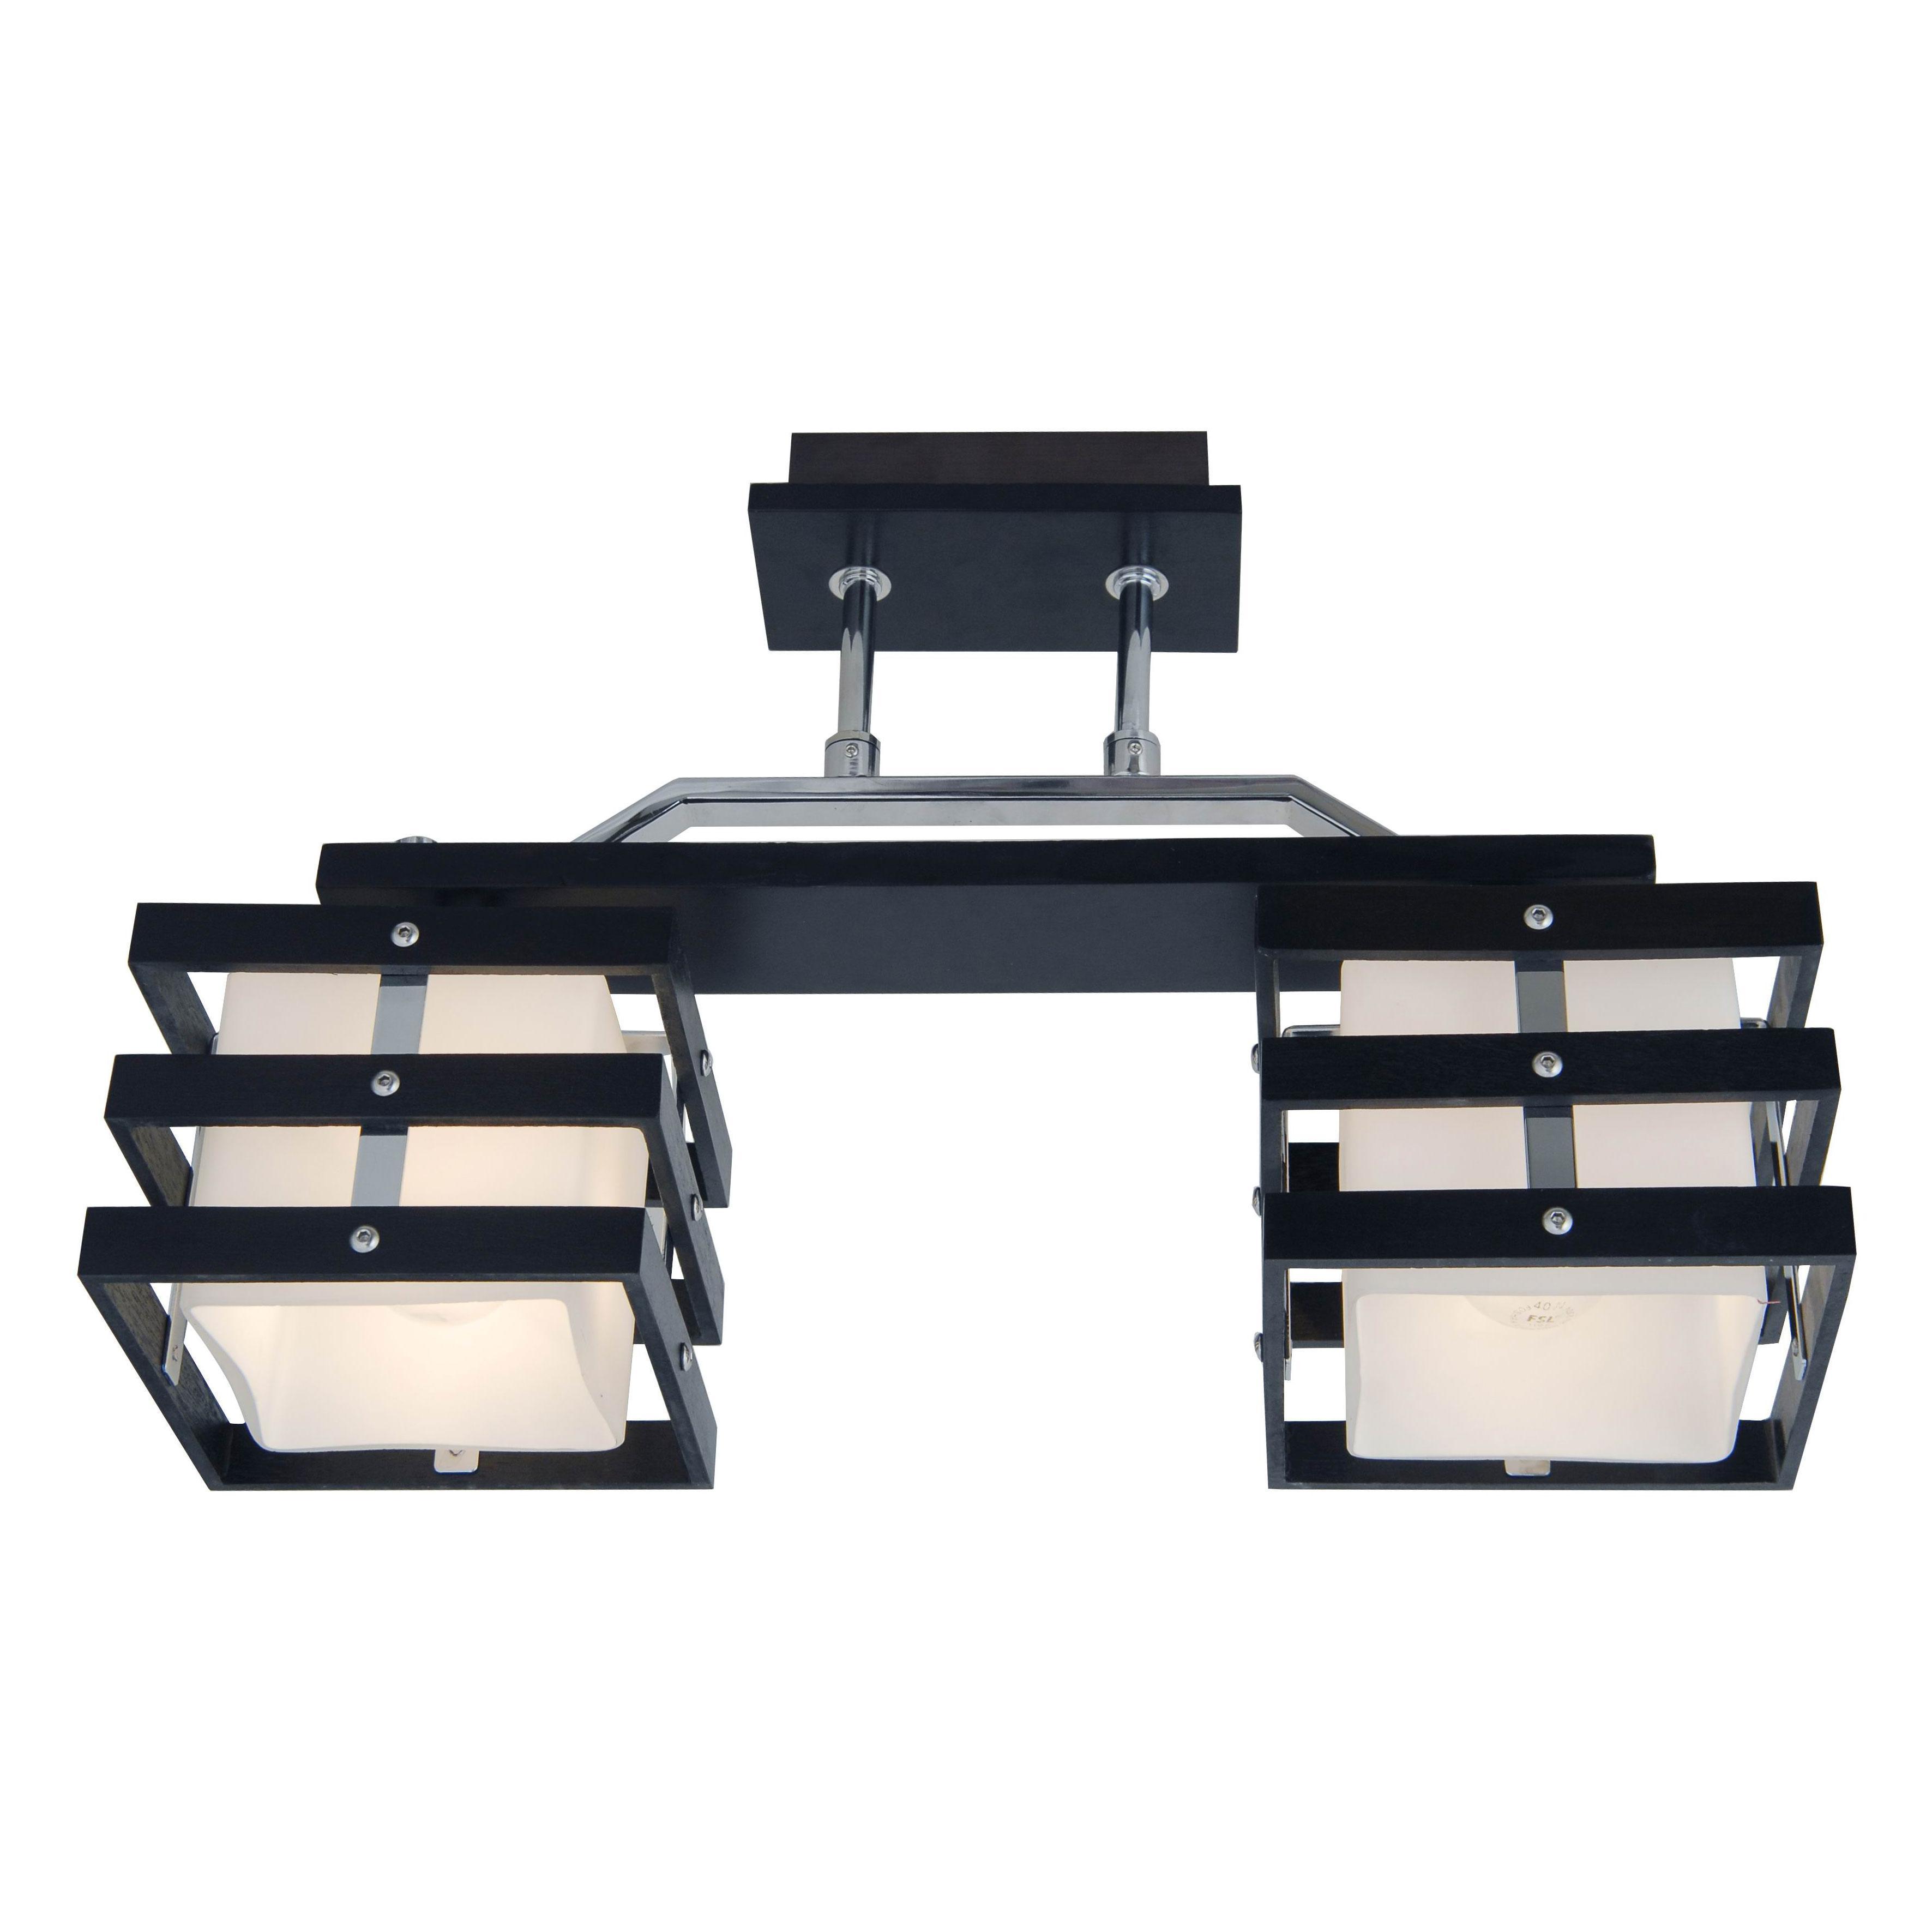 Светильник настенно-потолочный CitiluxСветильники настенно-потолочные<br>Мощность: 60,<br>Количество ламп: 2,<br>Назначение светильника: для комнаты,<br>Стиль светильника: современный,<br>Материал светильника: металл, дерево, стекло,<br>Тип лампы: накаливания,<br>Длина (мм): 430,<br>Ширина: 140,<br>Высота: 280,<br>Диаметр: 430,<br>Патрон: Е14,<br>Цвет арматуры: коричневый<br>